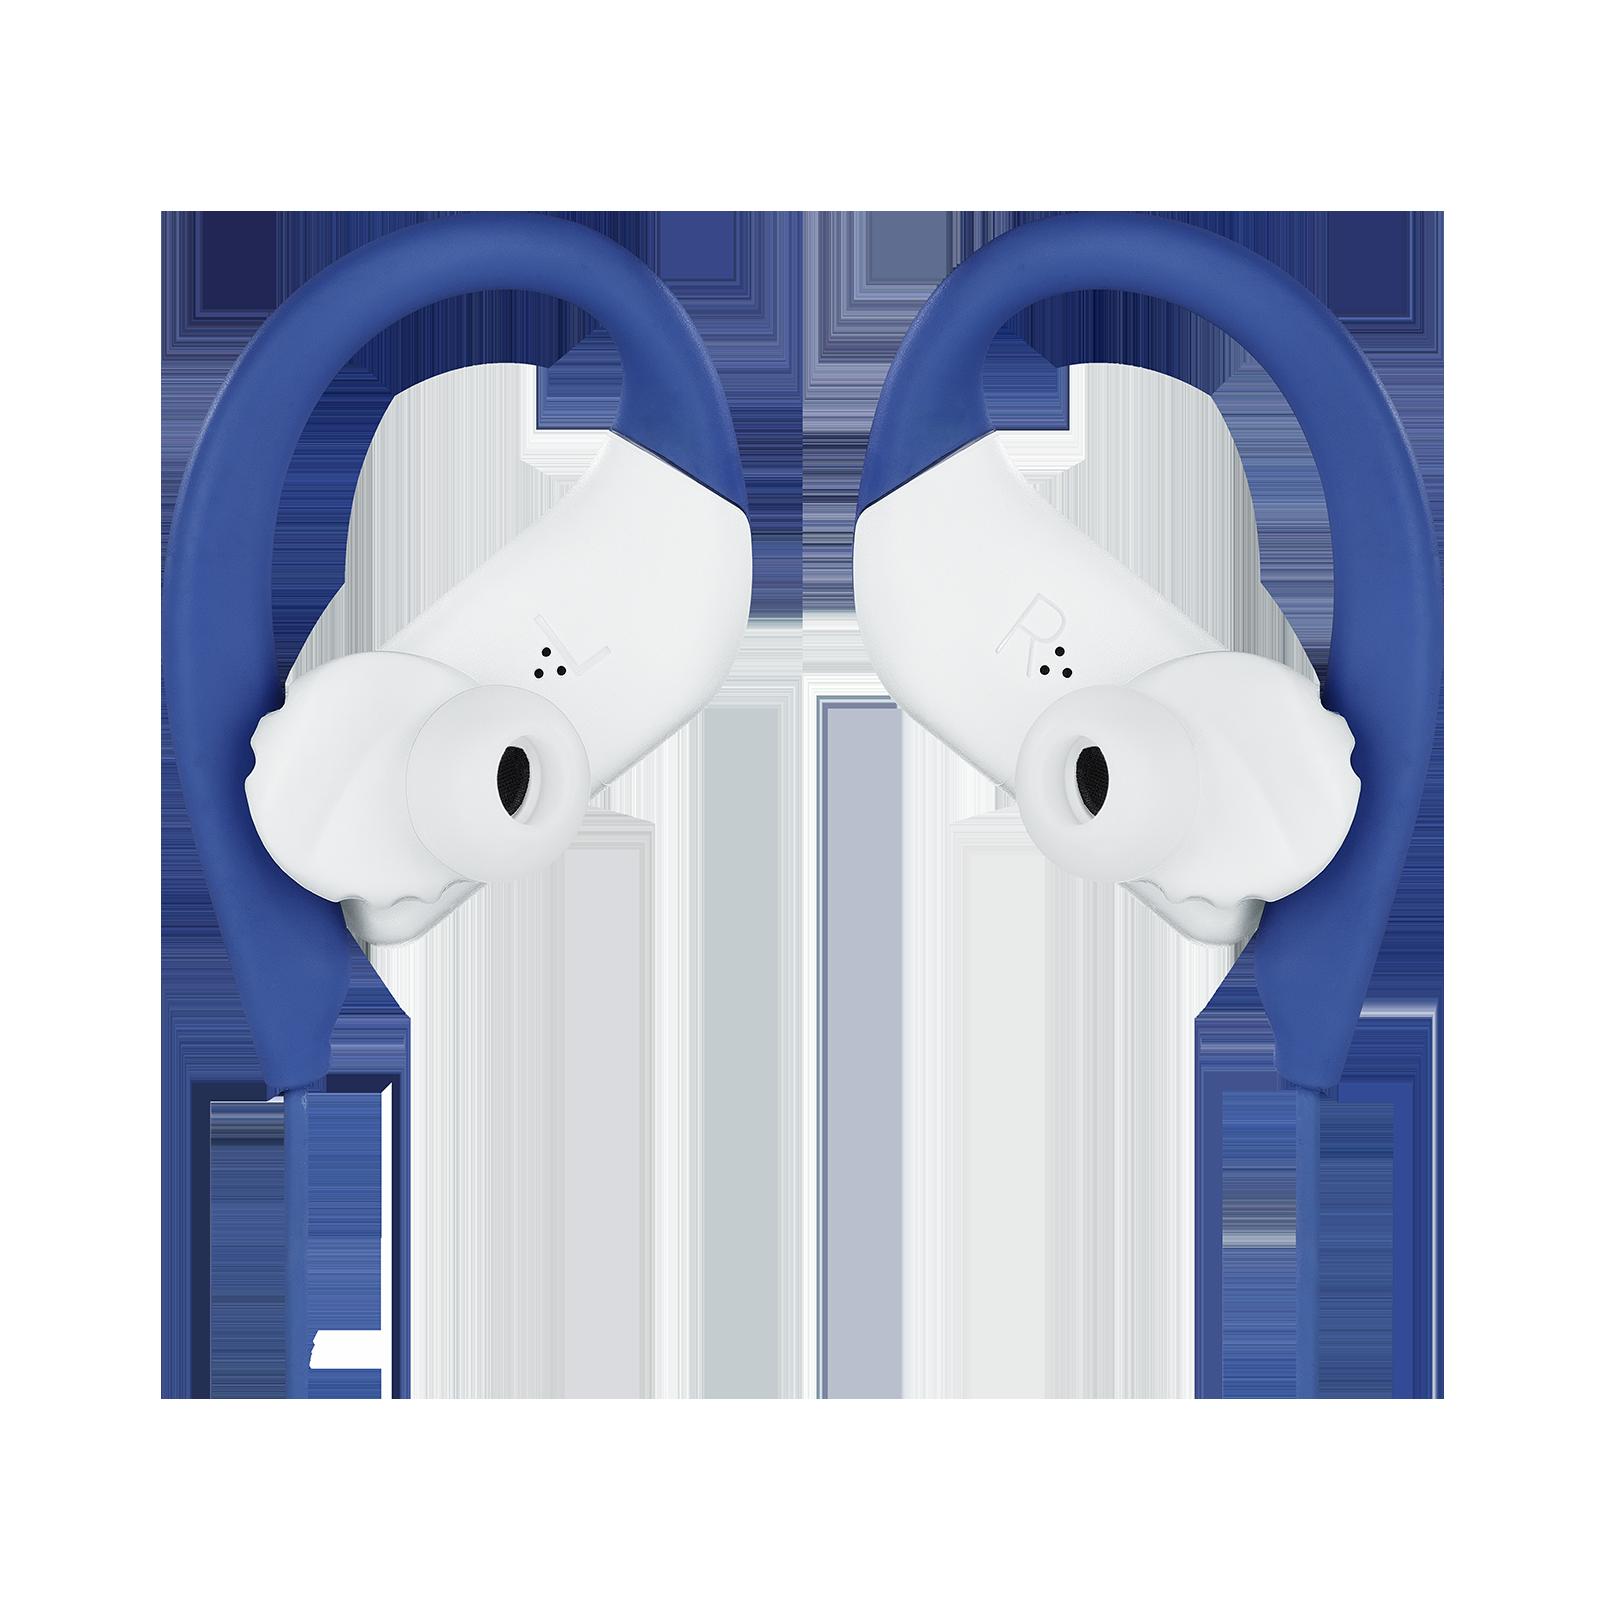 JBL Endurance SPRINT - Blue - Waterproof Wireless In-Ear Sport Headphones - Detailshot 3